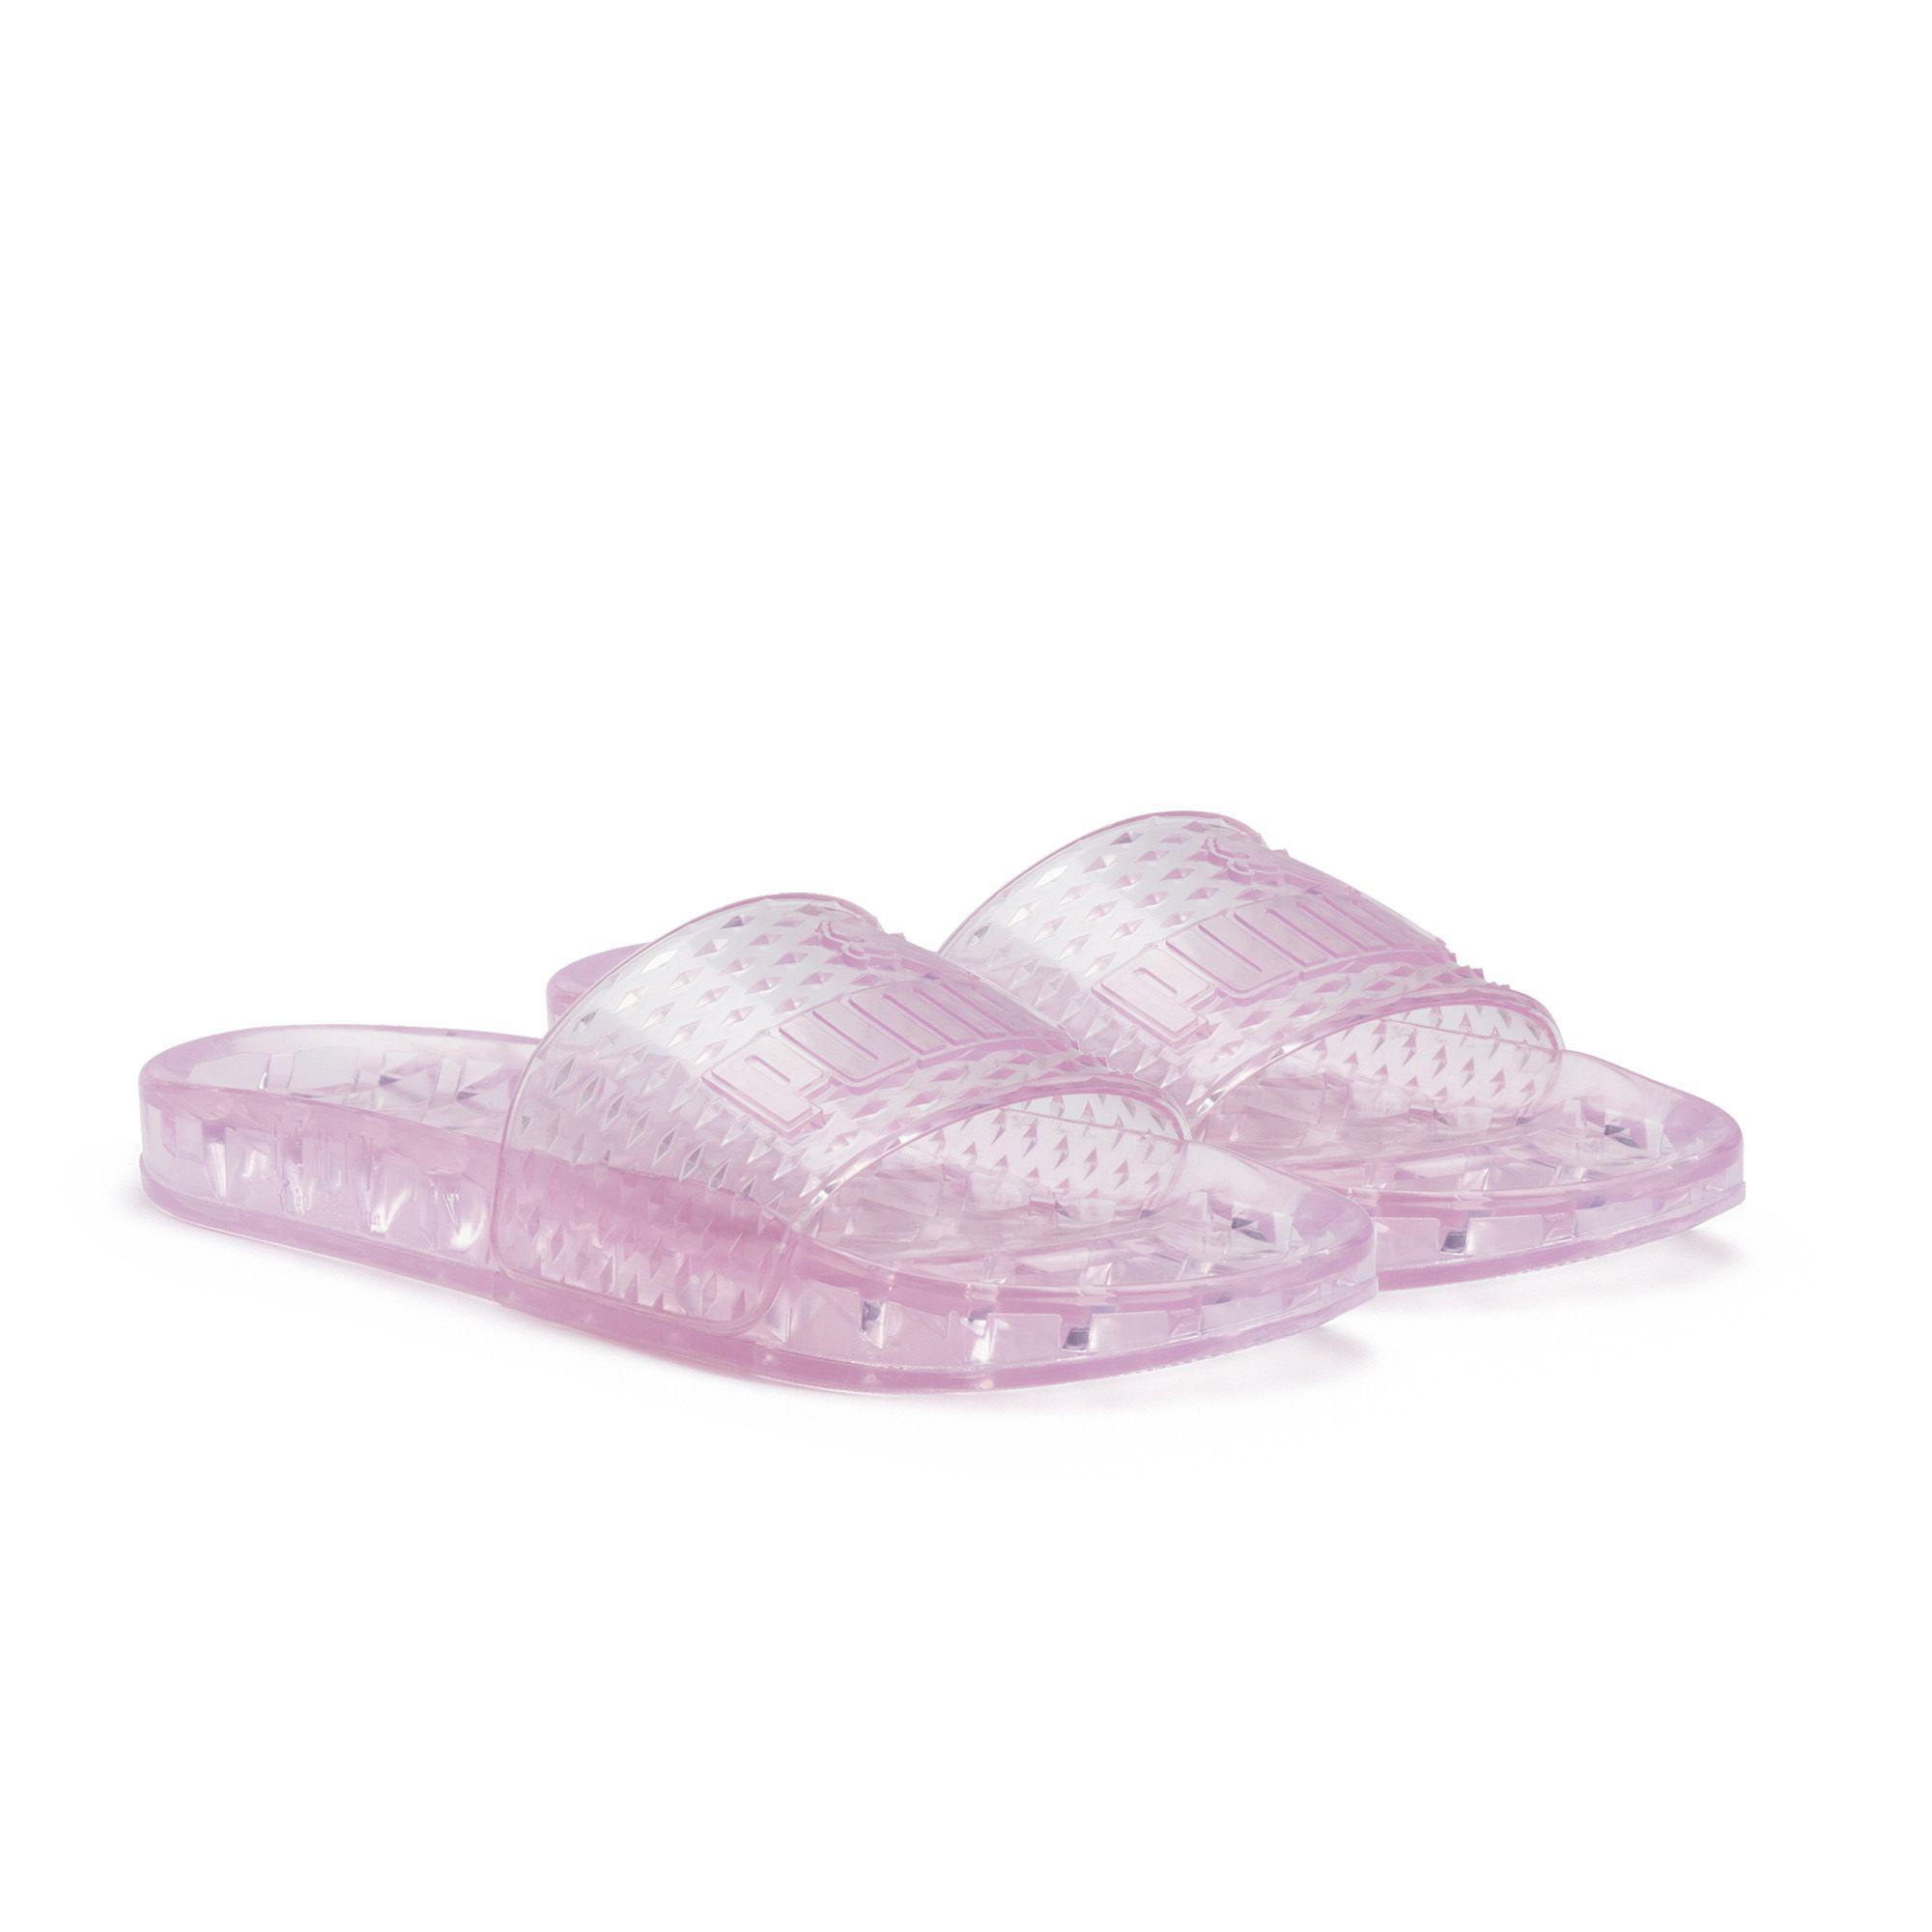 Lyst - Puma Jelly Women s Slide Sandals in Pink dfa1f4e3c